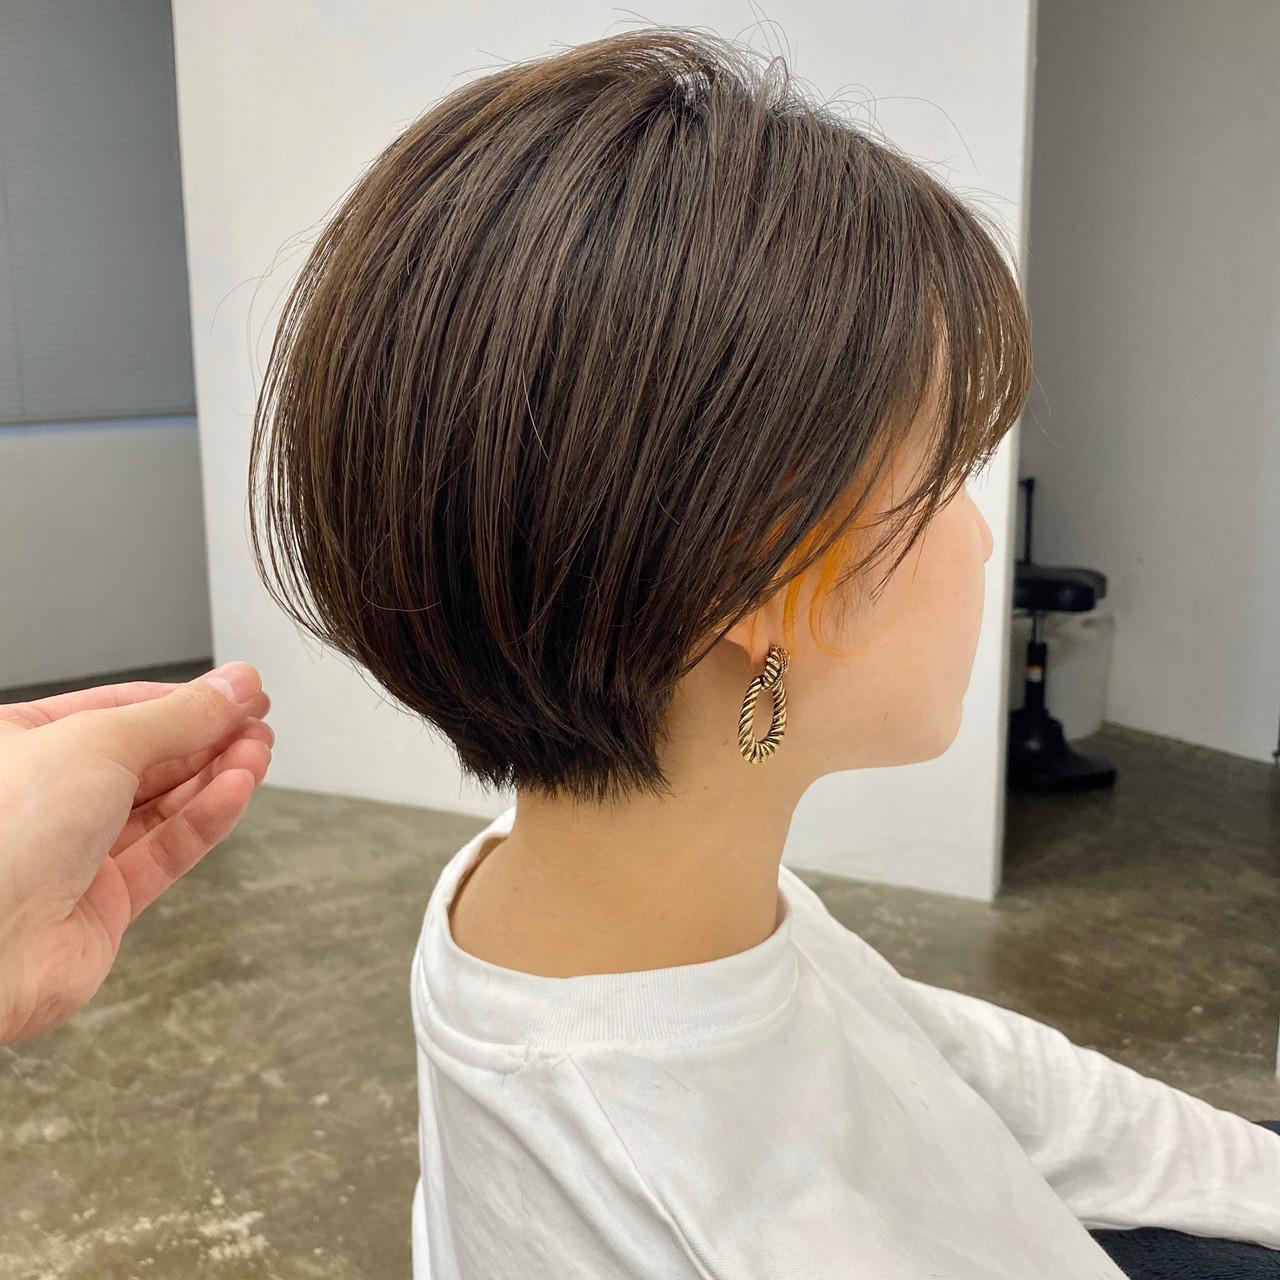 ショートヘア 大人ショート 丸みショート ナチュラル ヘアスタイルや髪型の写真・画像 | 【ショート&ショートボブはお任せください】淺川聖 / parc sapporo